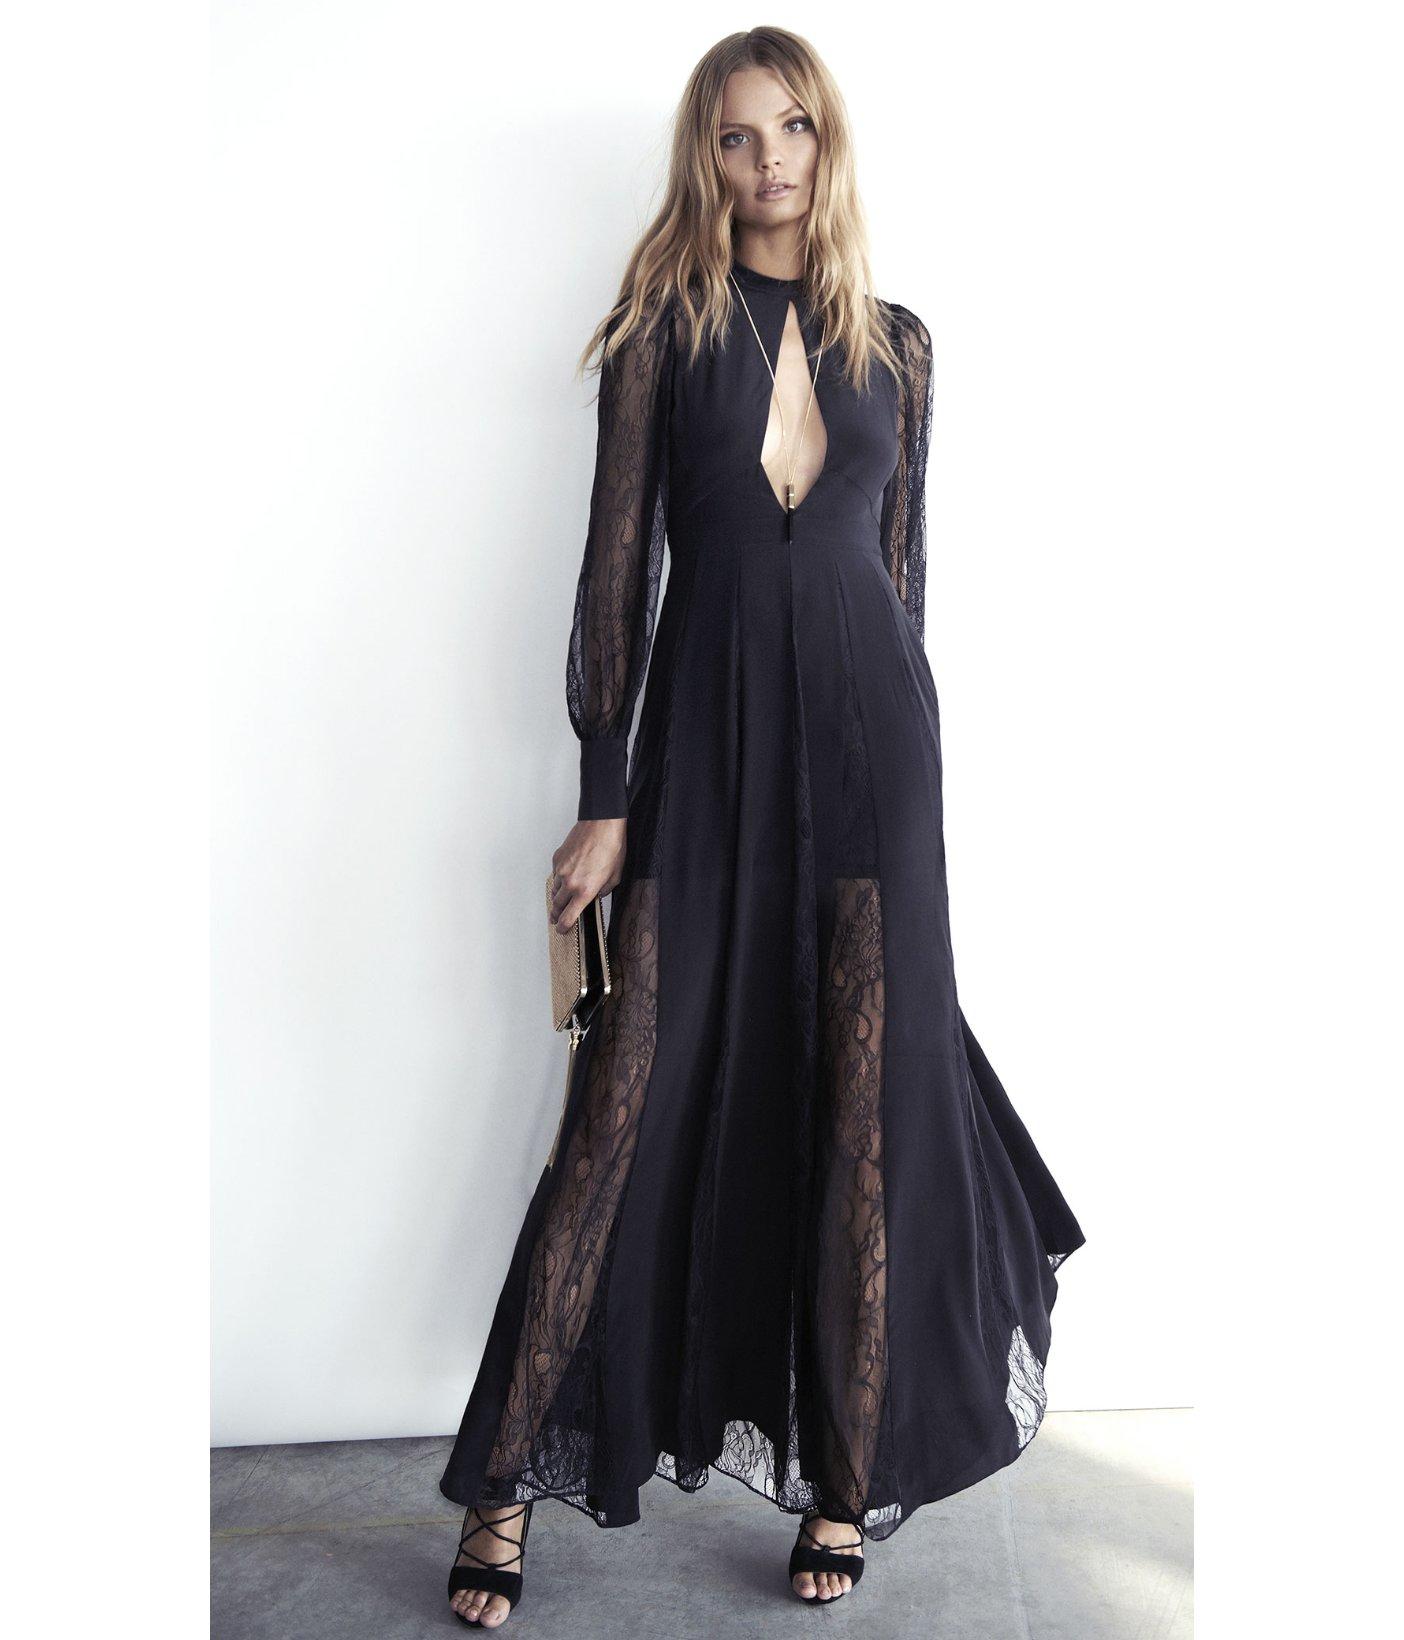 f95d379f5f Express Edition Lace Inset Silk Maxi Dress in Black - Lyst